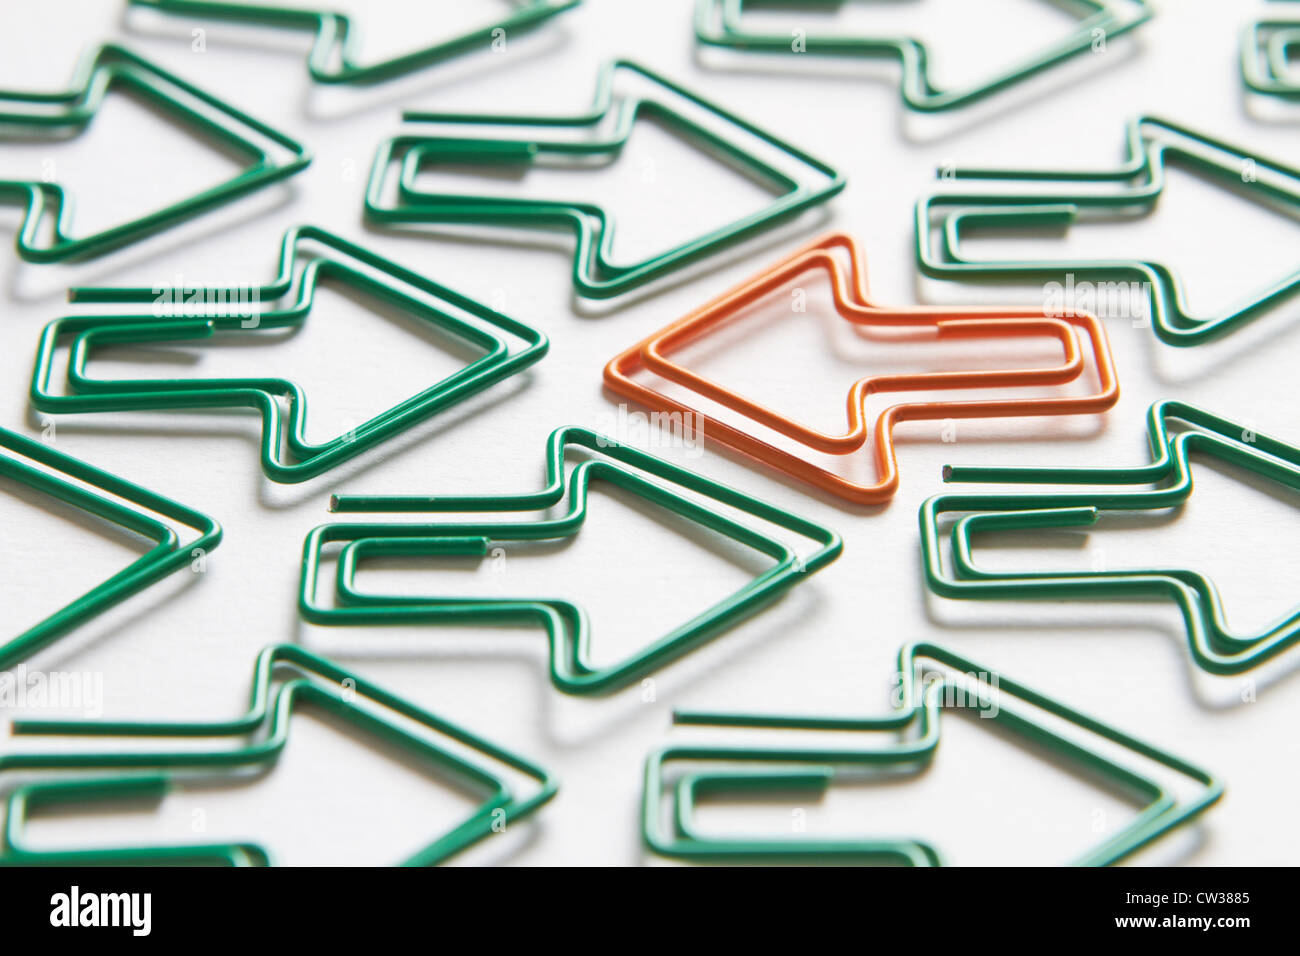 Flèche Orane aller contre le flux des flèches vertes Photo Stock